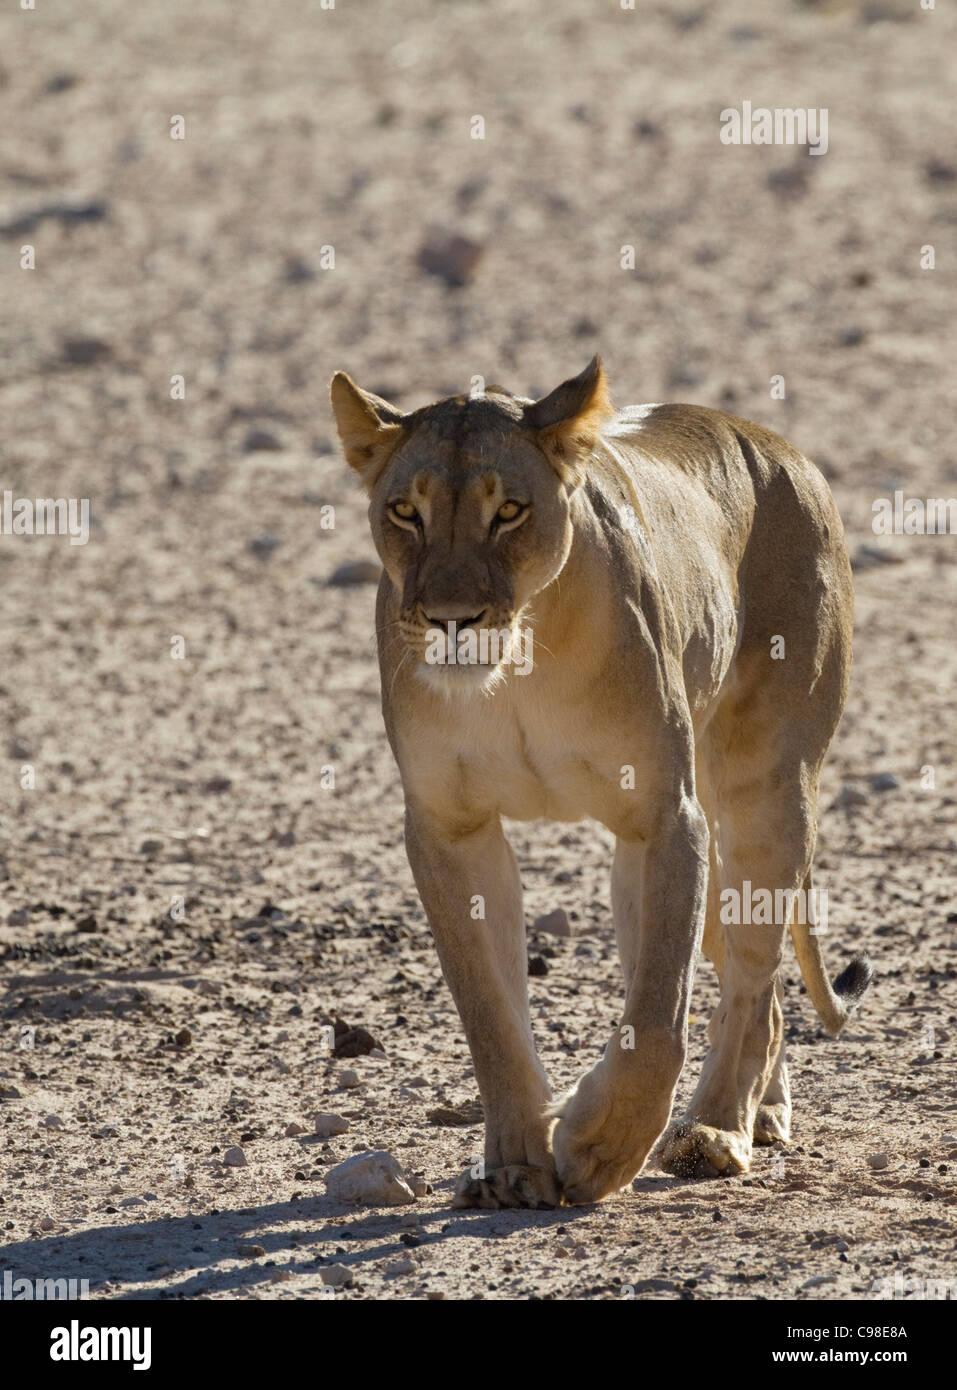 Frontal view of Kalahari lion walking - Stock Image